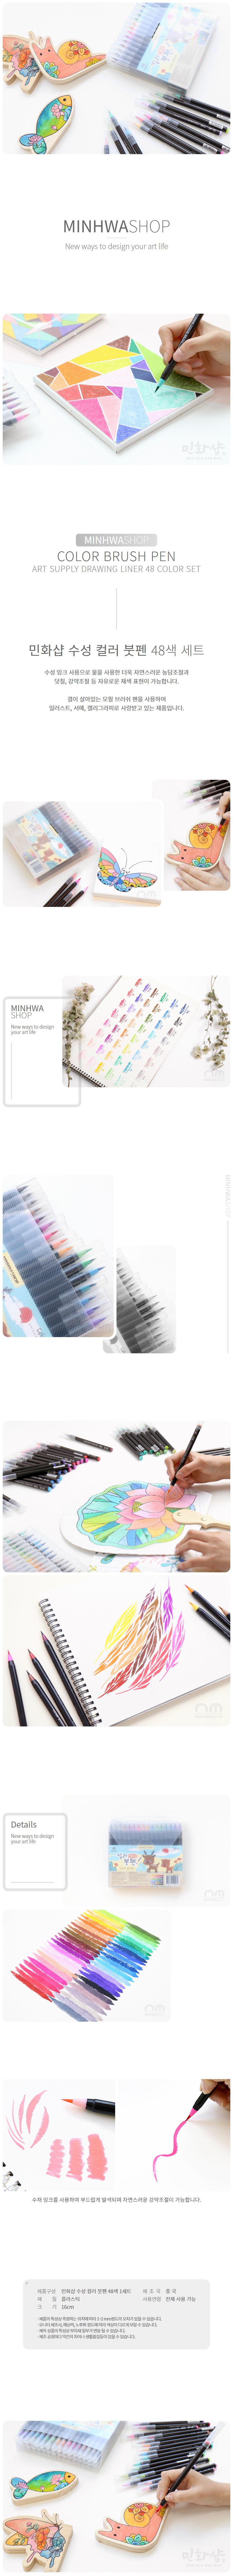 캘리그라피재료 펜드로잉 48색세트 - 민화샵, 67,200원, 데코펜, 붓펜